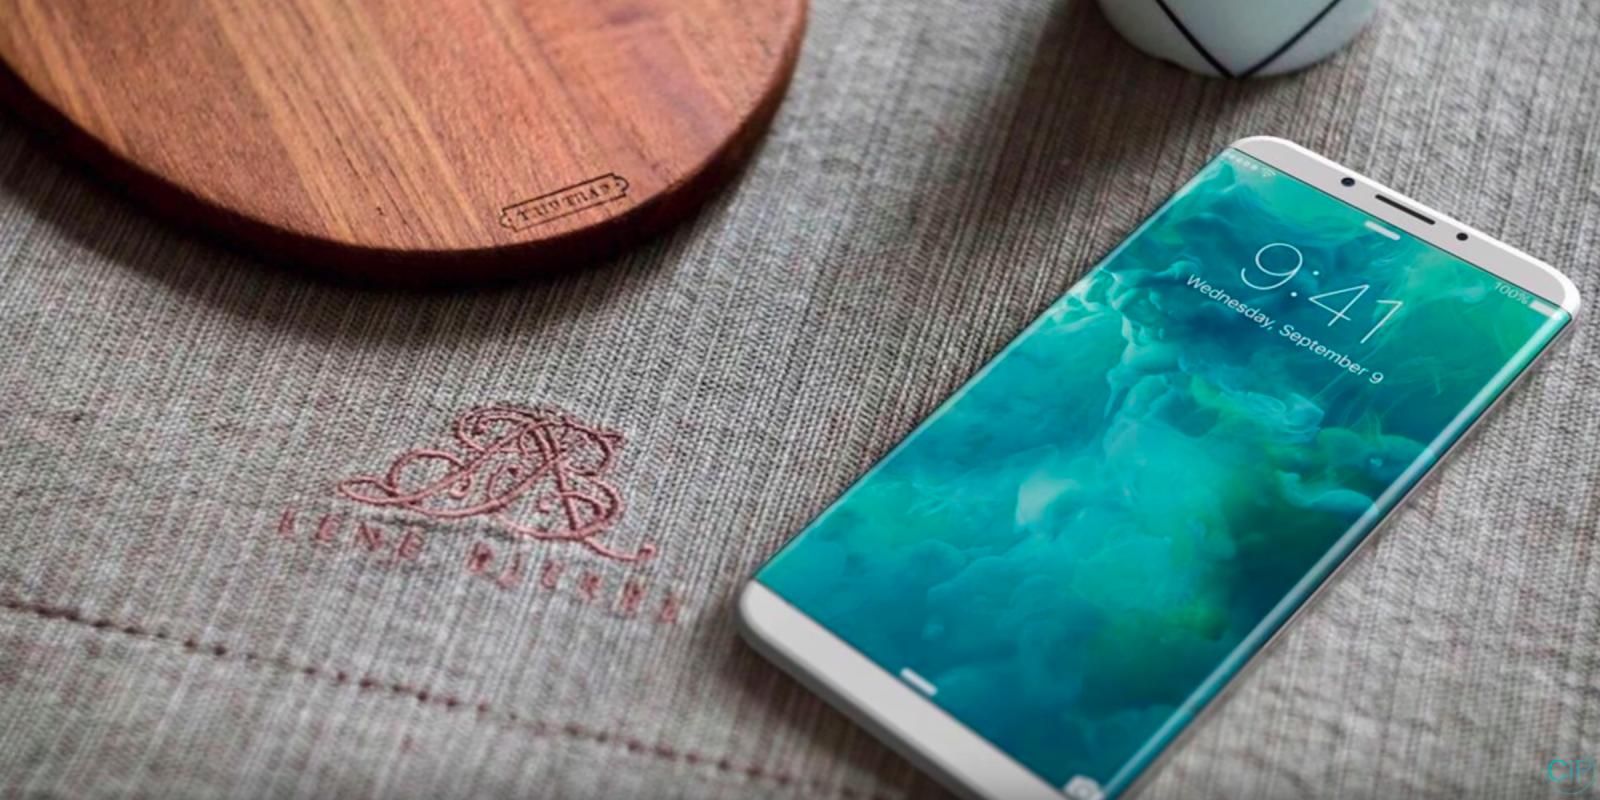 iPhone 8 podría apostar por las curvas laterales al usar un panel OLED